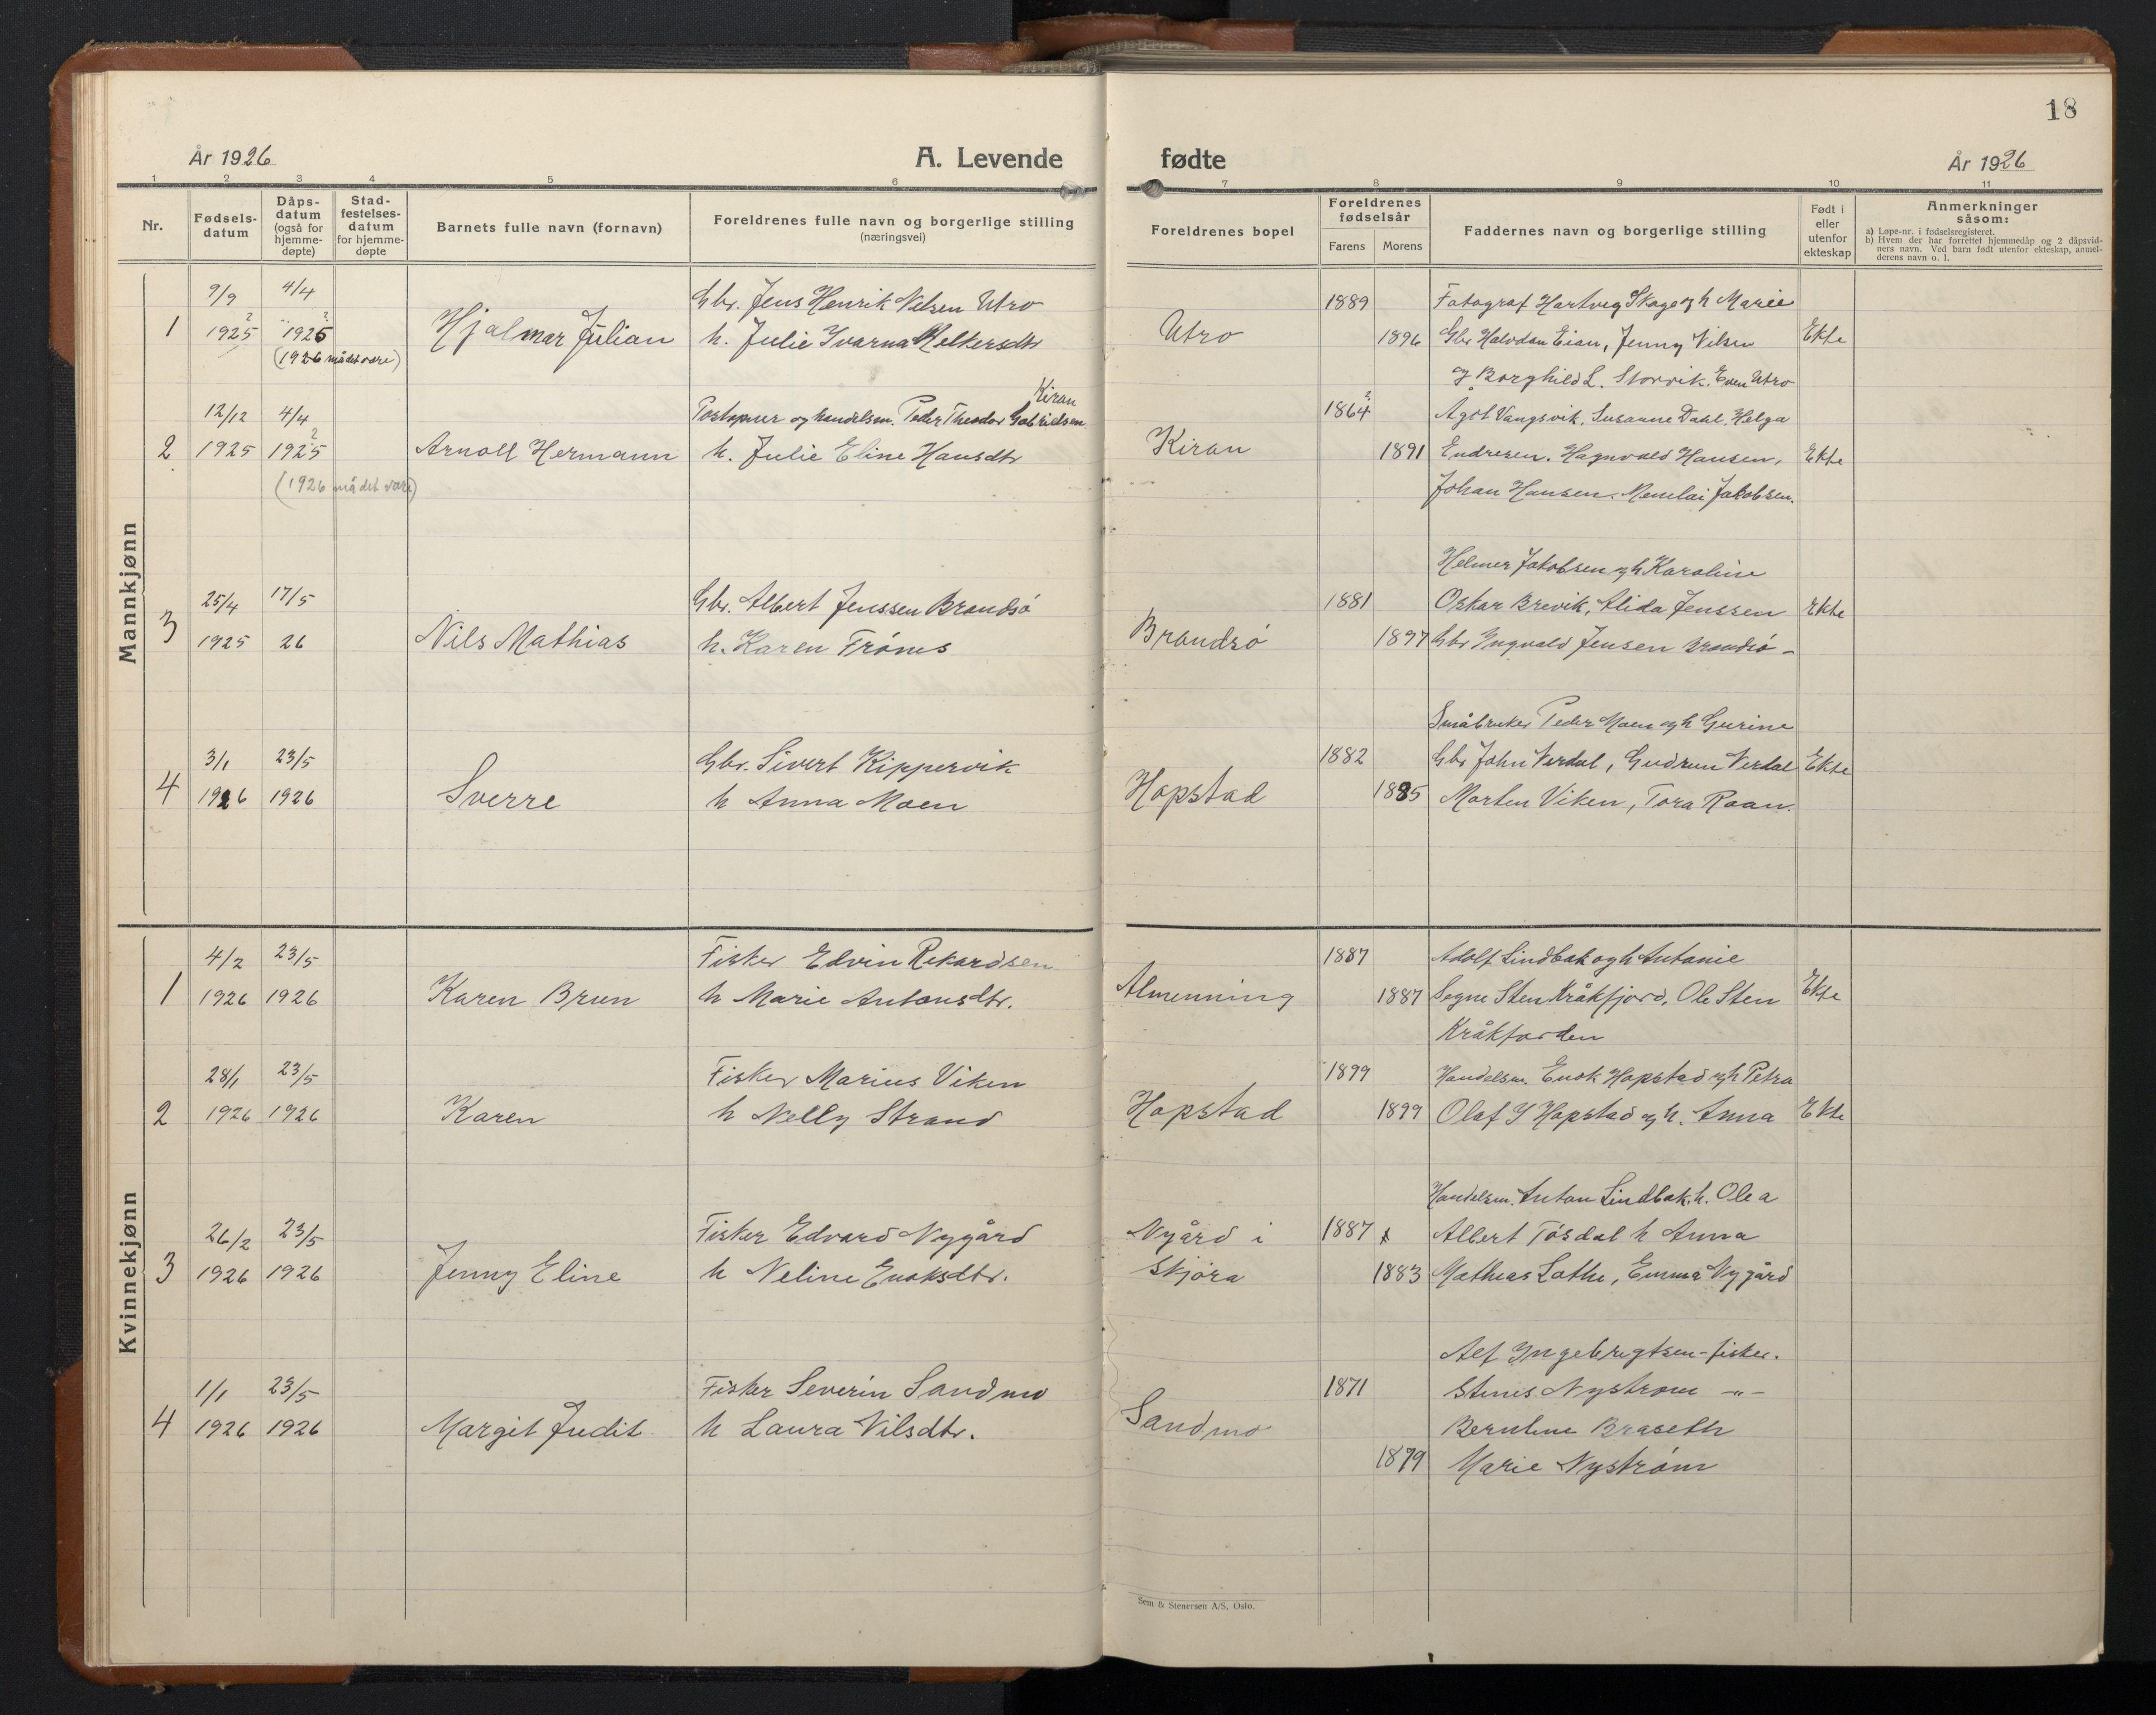 SAT, Ministerialprotokoller, klokkerbøker og fødselsregistre - Sør-Trøndelag, 657/L0718: Klokkerbok nr. 657C05, 1923-1948, s. 18